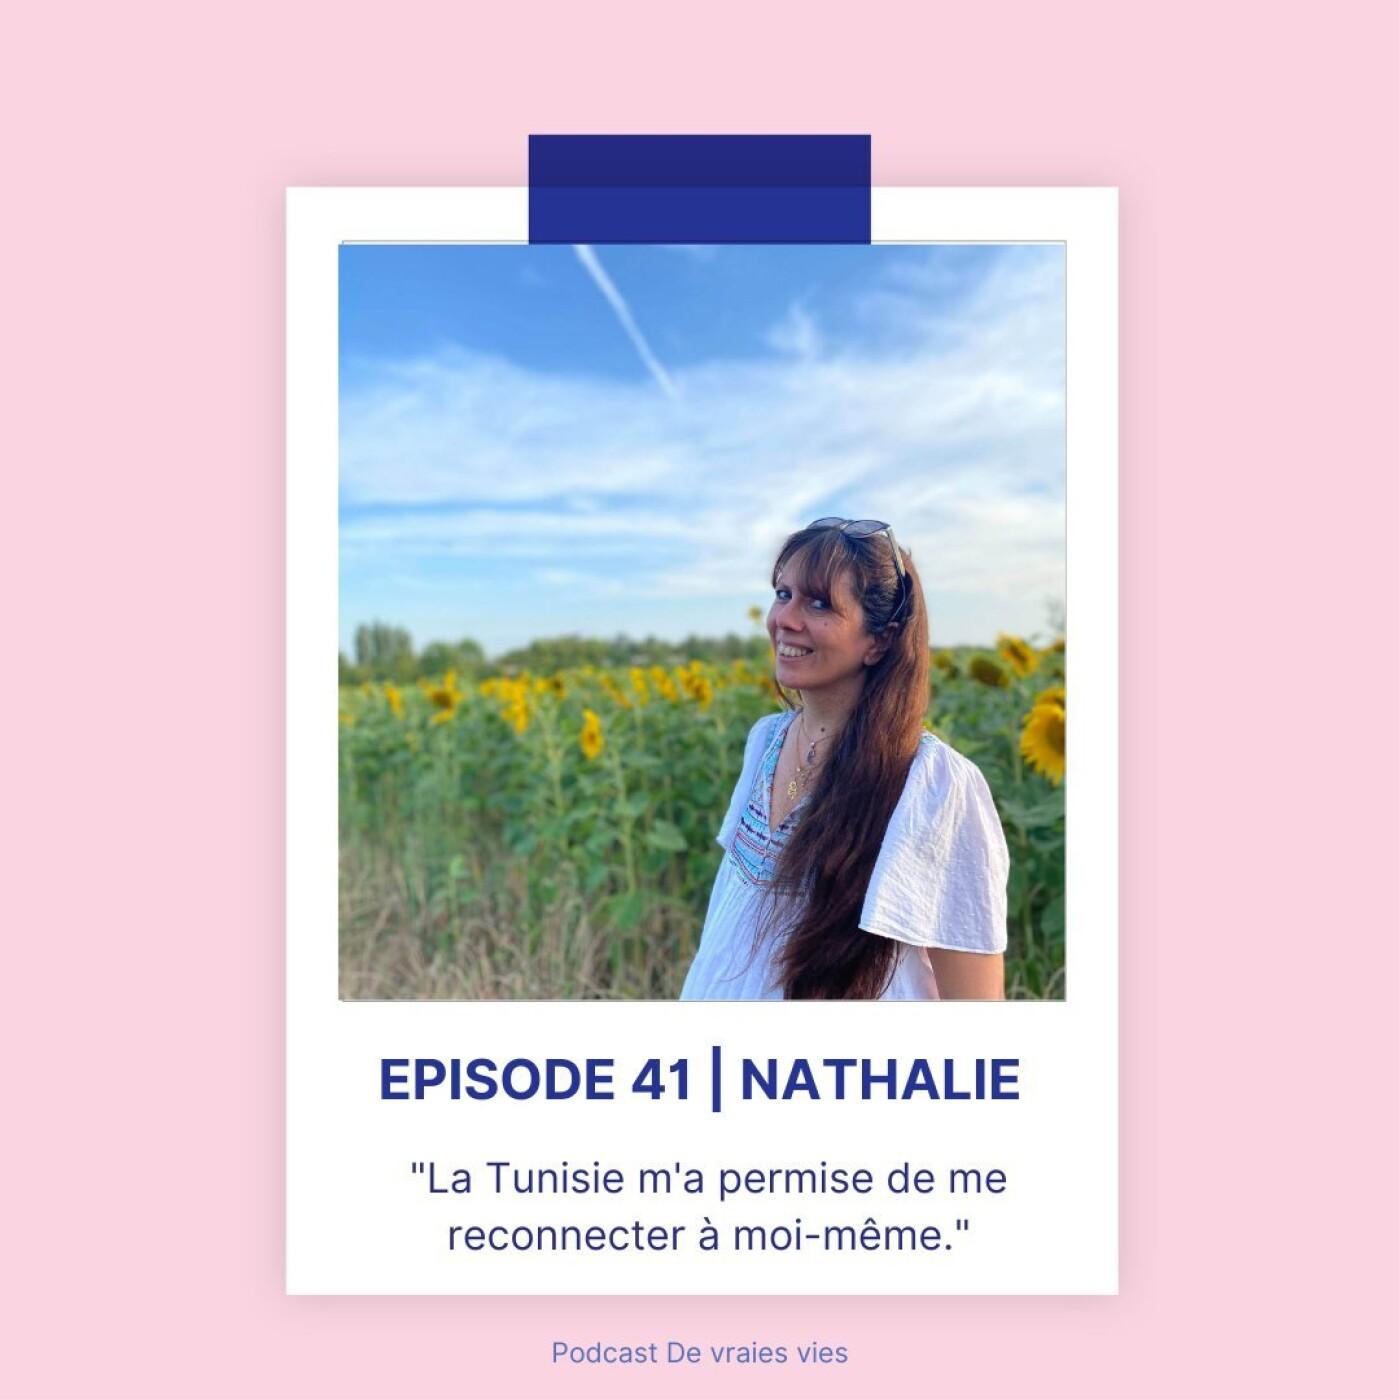 """Nathalie   """"La Tunisie m'a permise de me reconnecter à moi-même""""."""